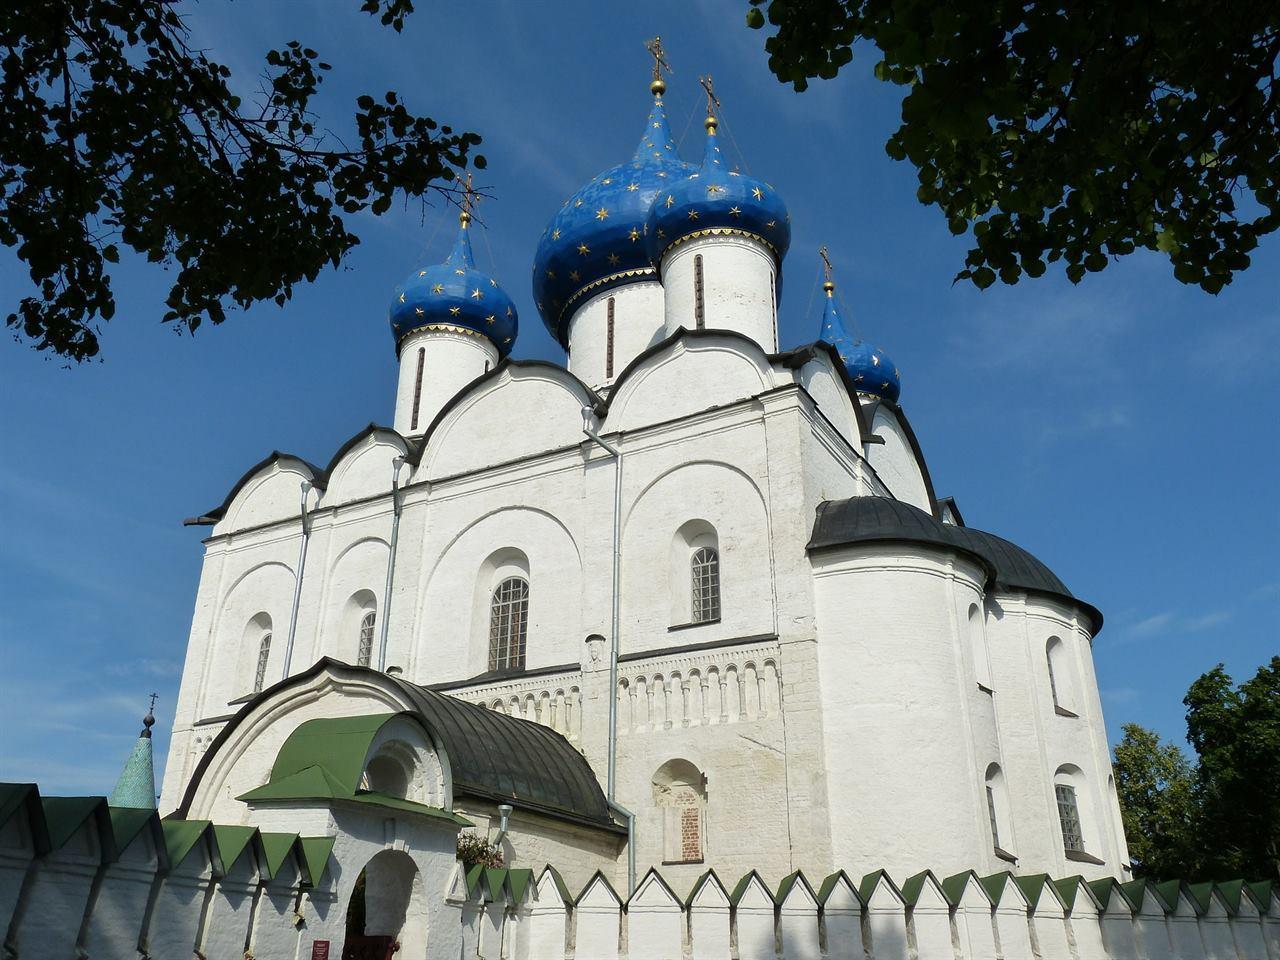 Суздальская церковь с голубыми куполами